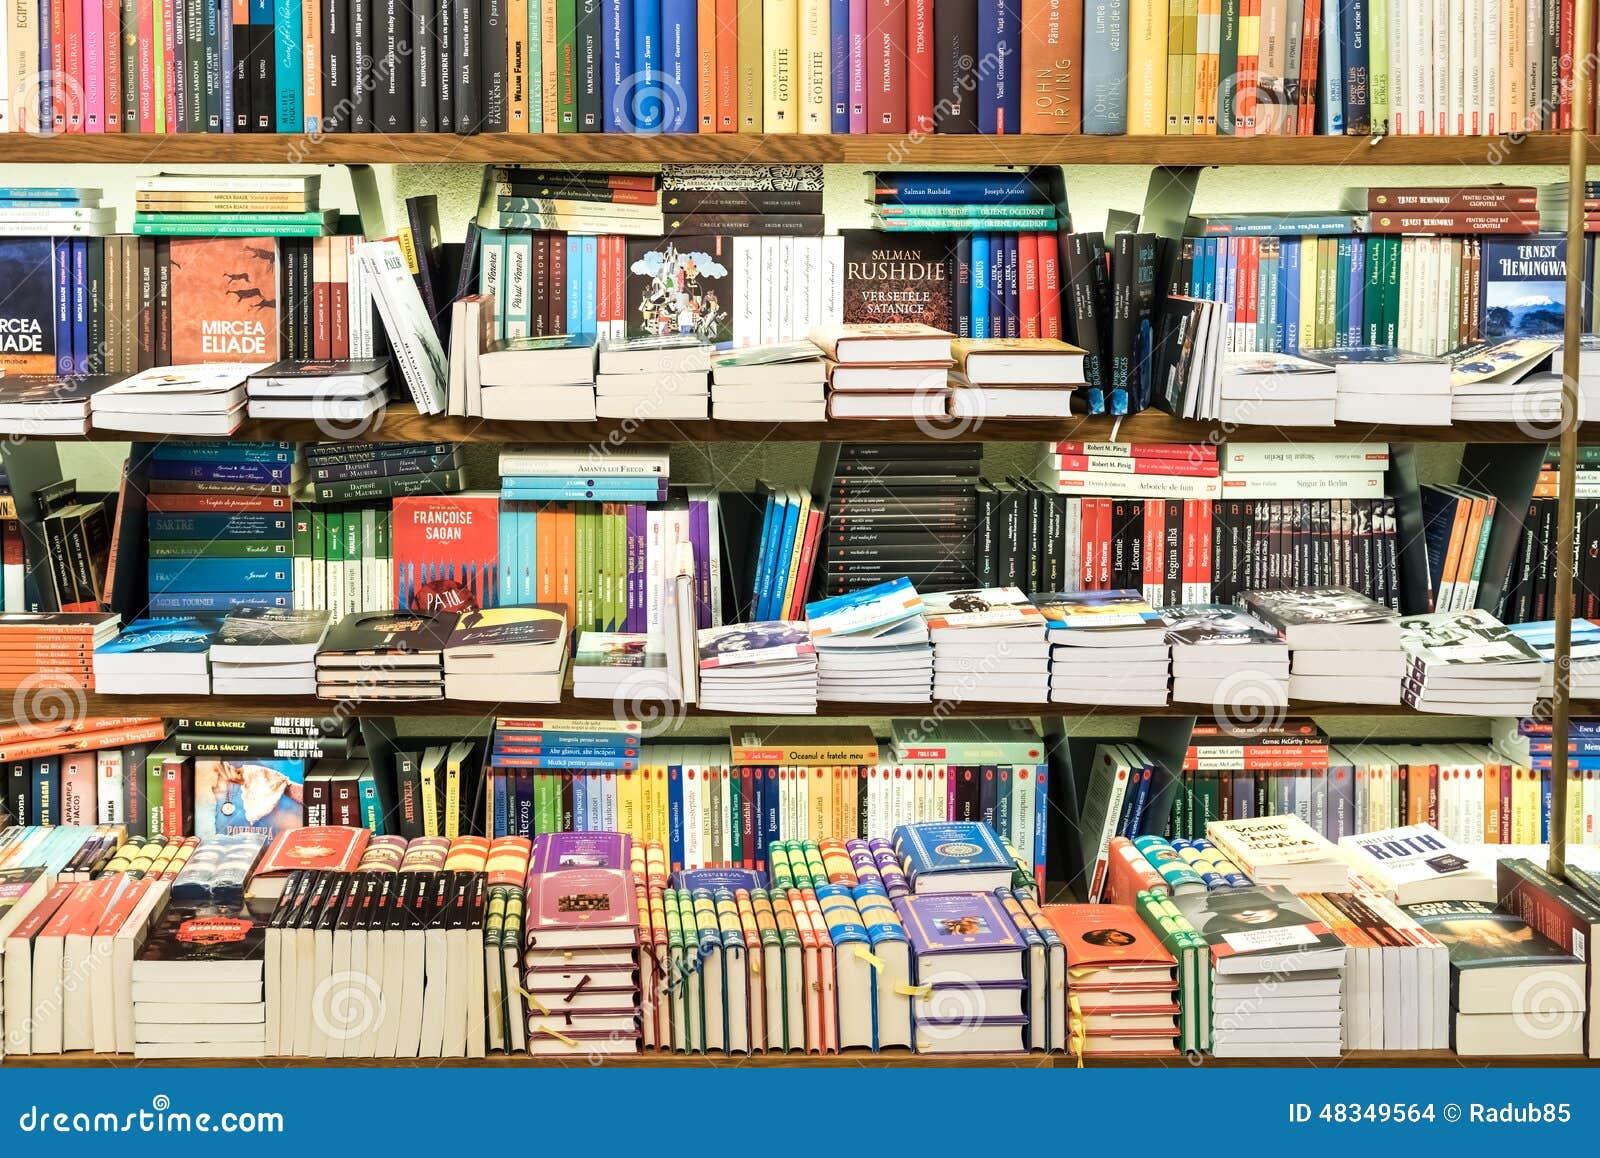 Bücherregal mit büchern hochkant  Bücherregal Mit Büchern Hochkant | legriff.com